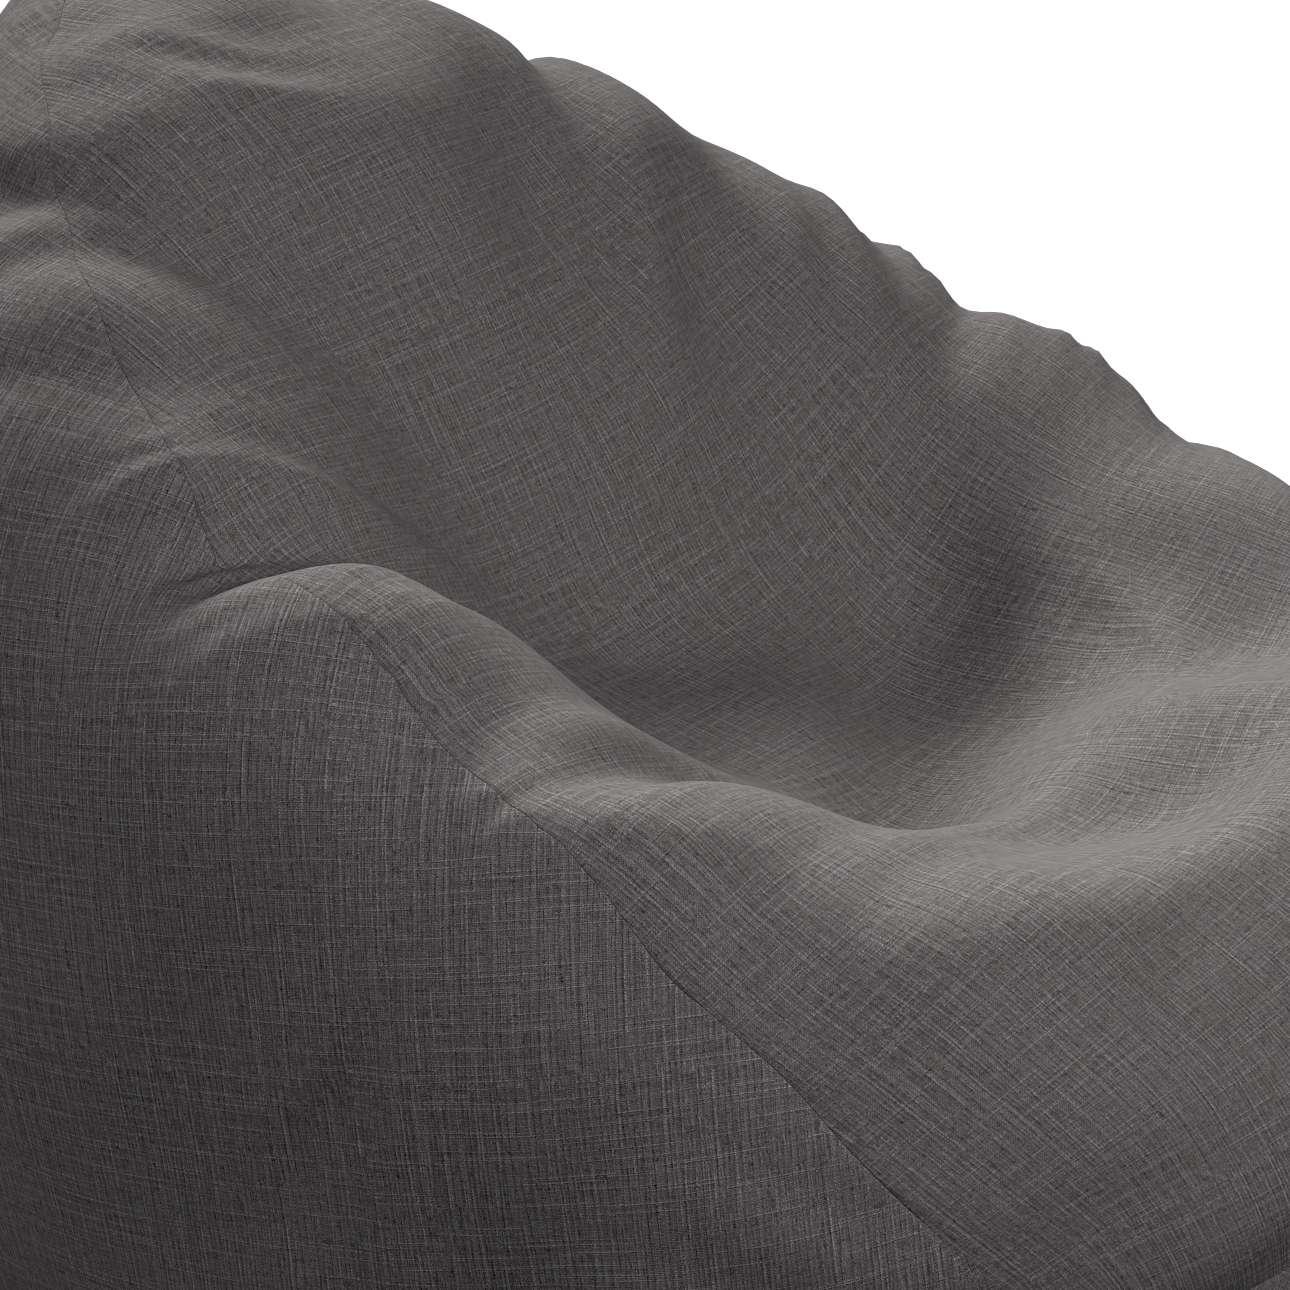 Pokrowiec na worek do siedzenia w kolekcji Living II, tkanina: 161-16